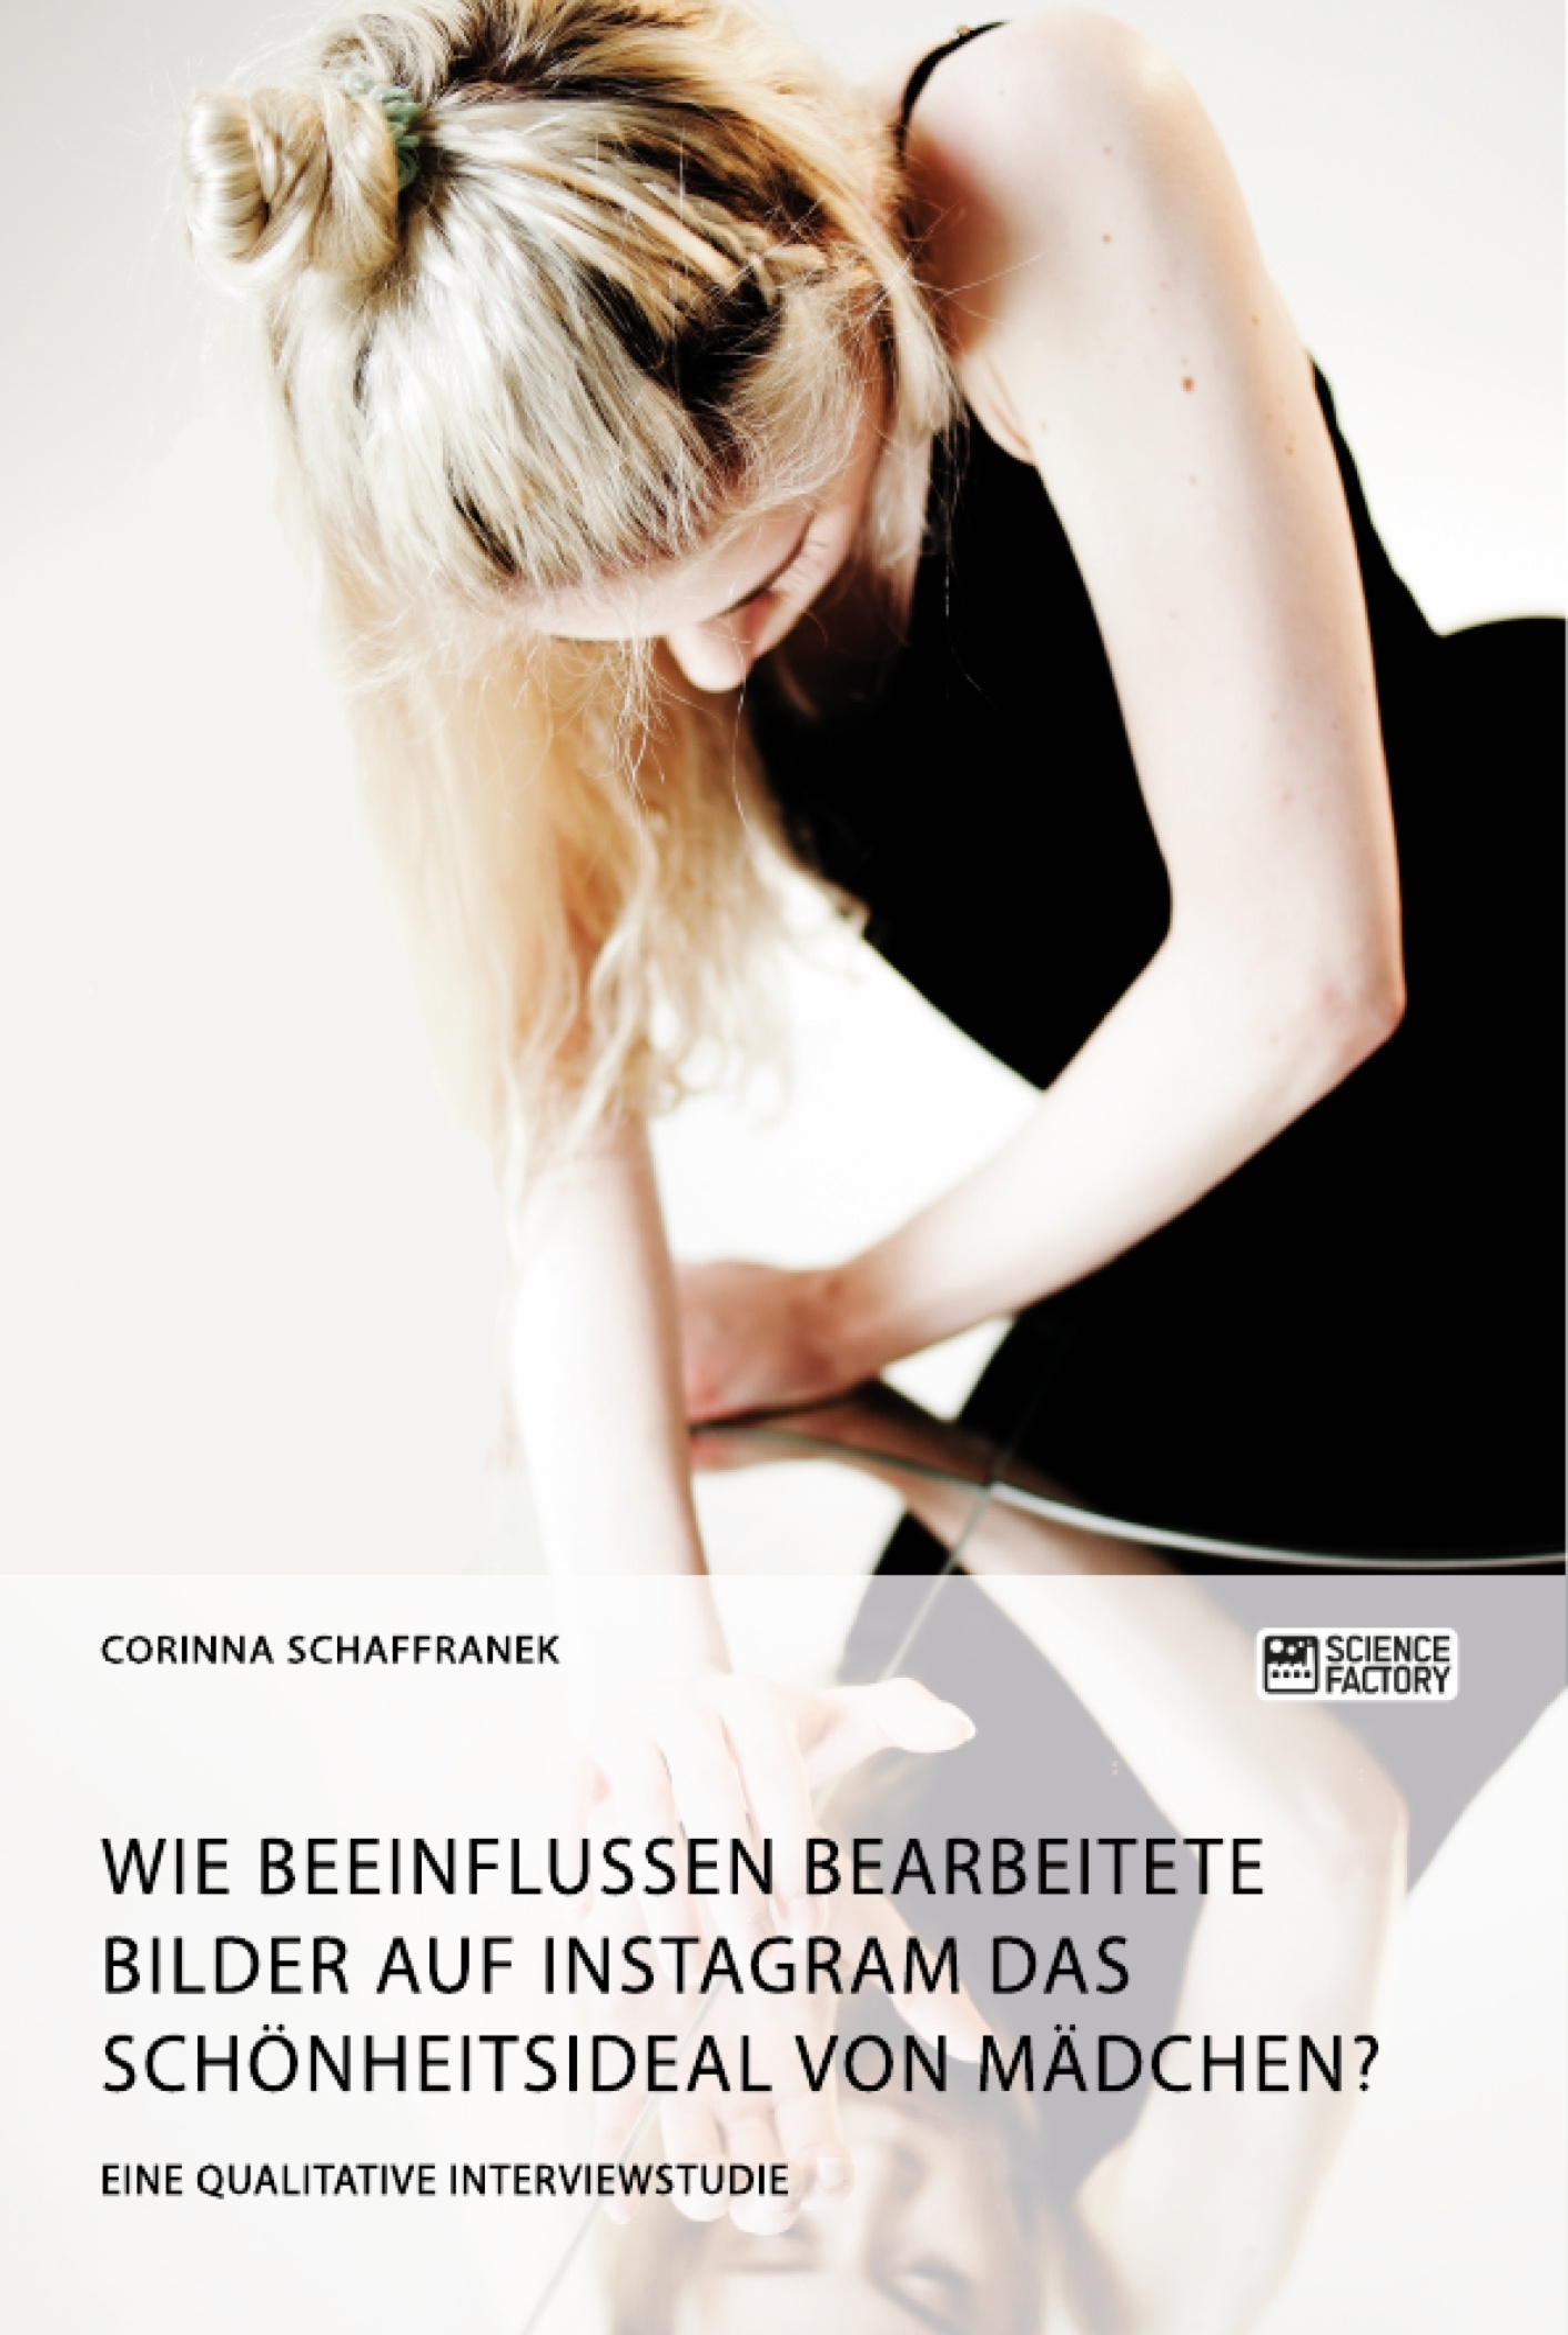 Diplomarbeiten3.de - Wie beeinflussen bearbeitete Bilder auf Instagram das  Schönheitsideal von Mädchen?